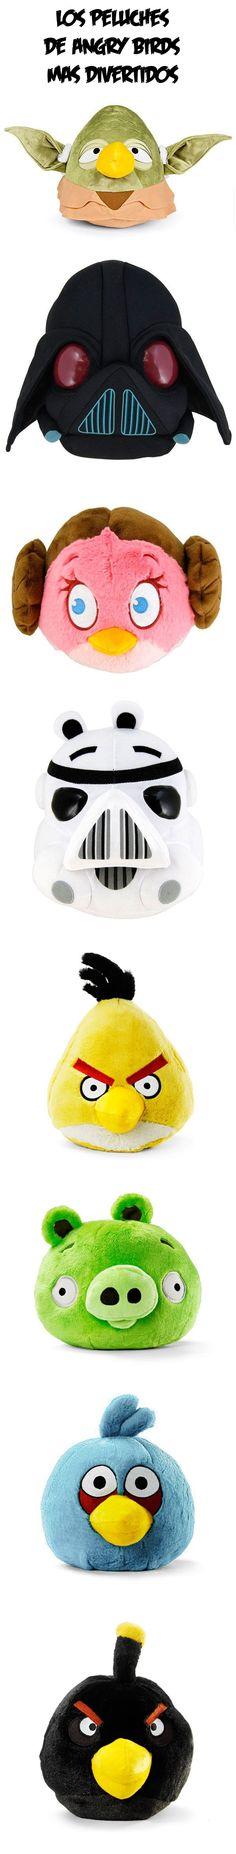 Los peluches de Angry Birds más divertidos.